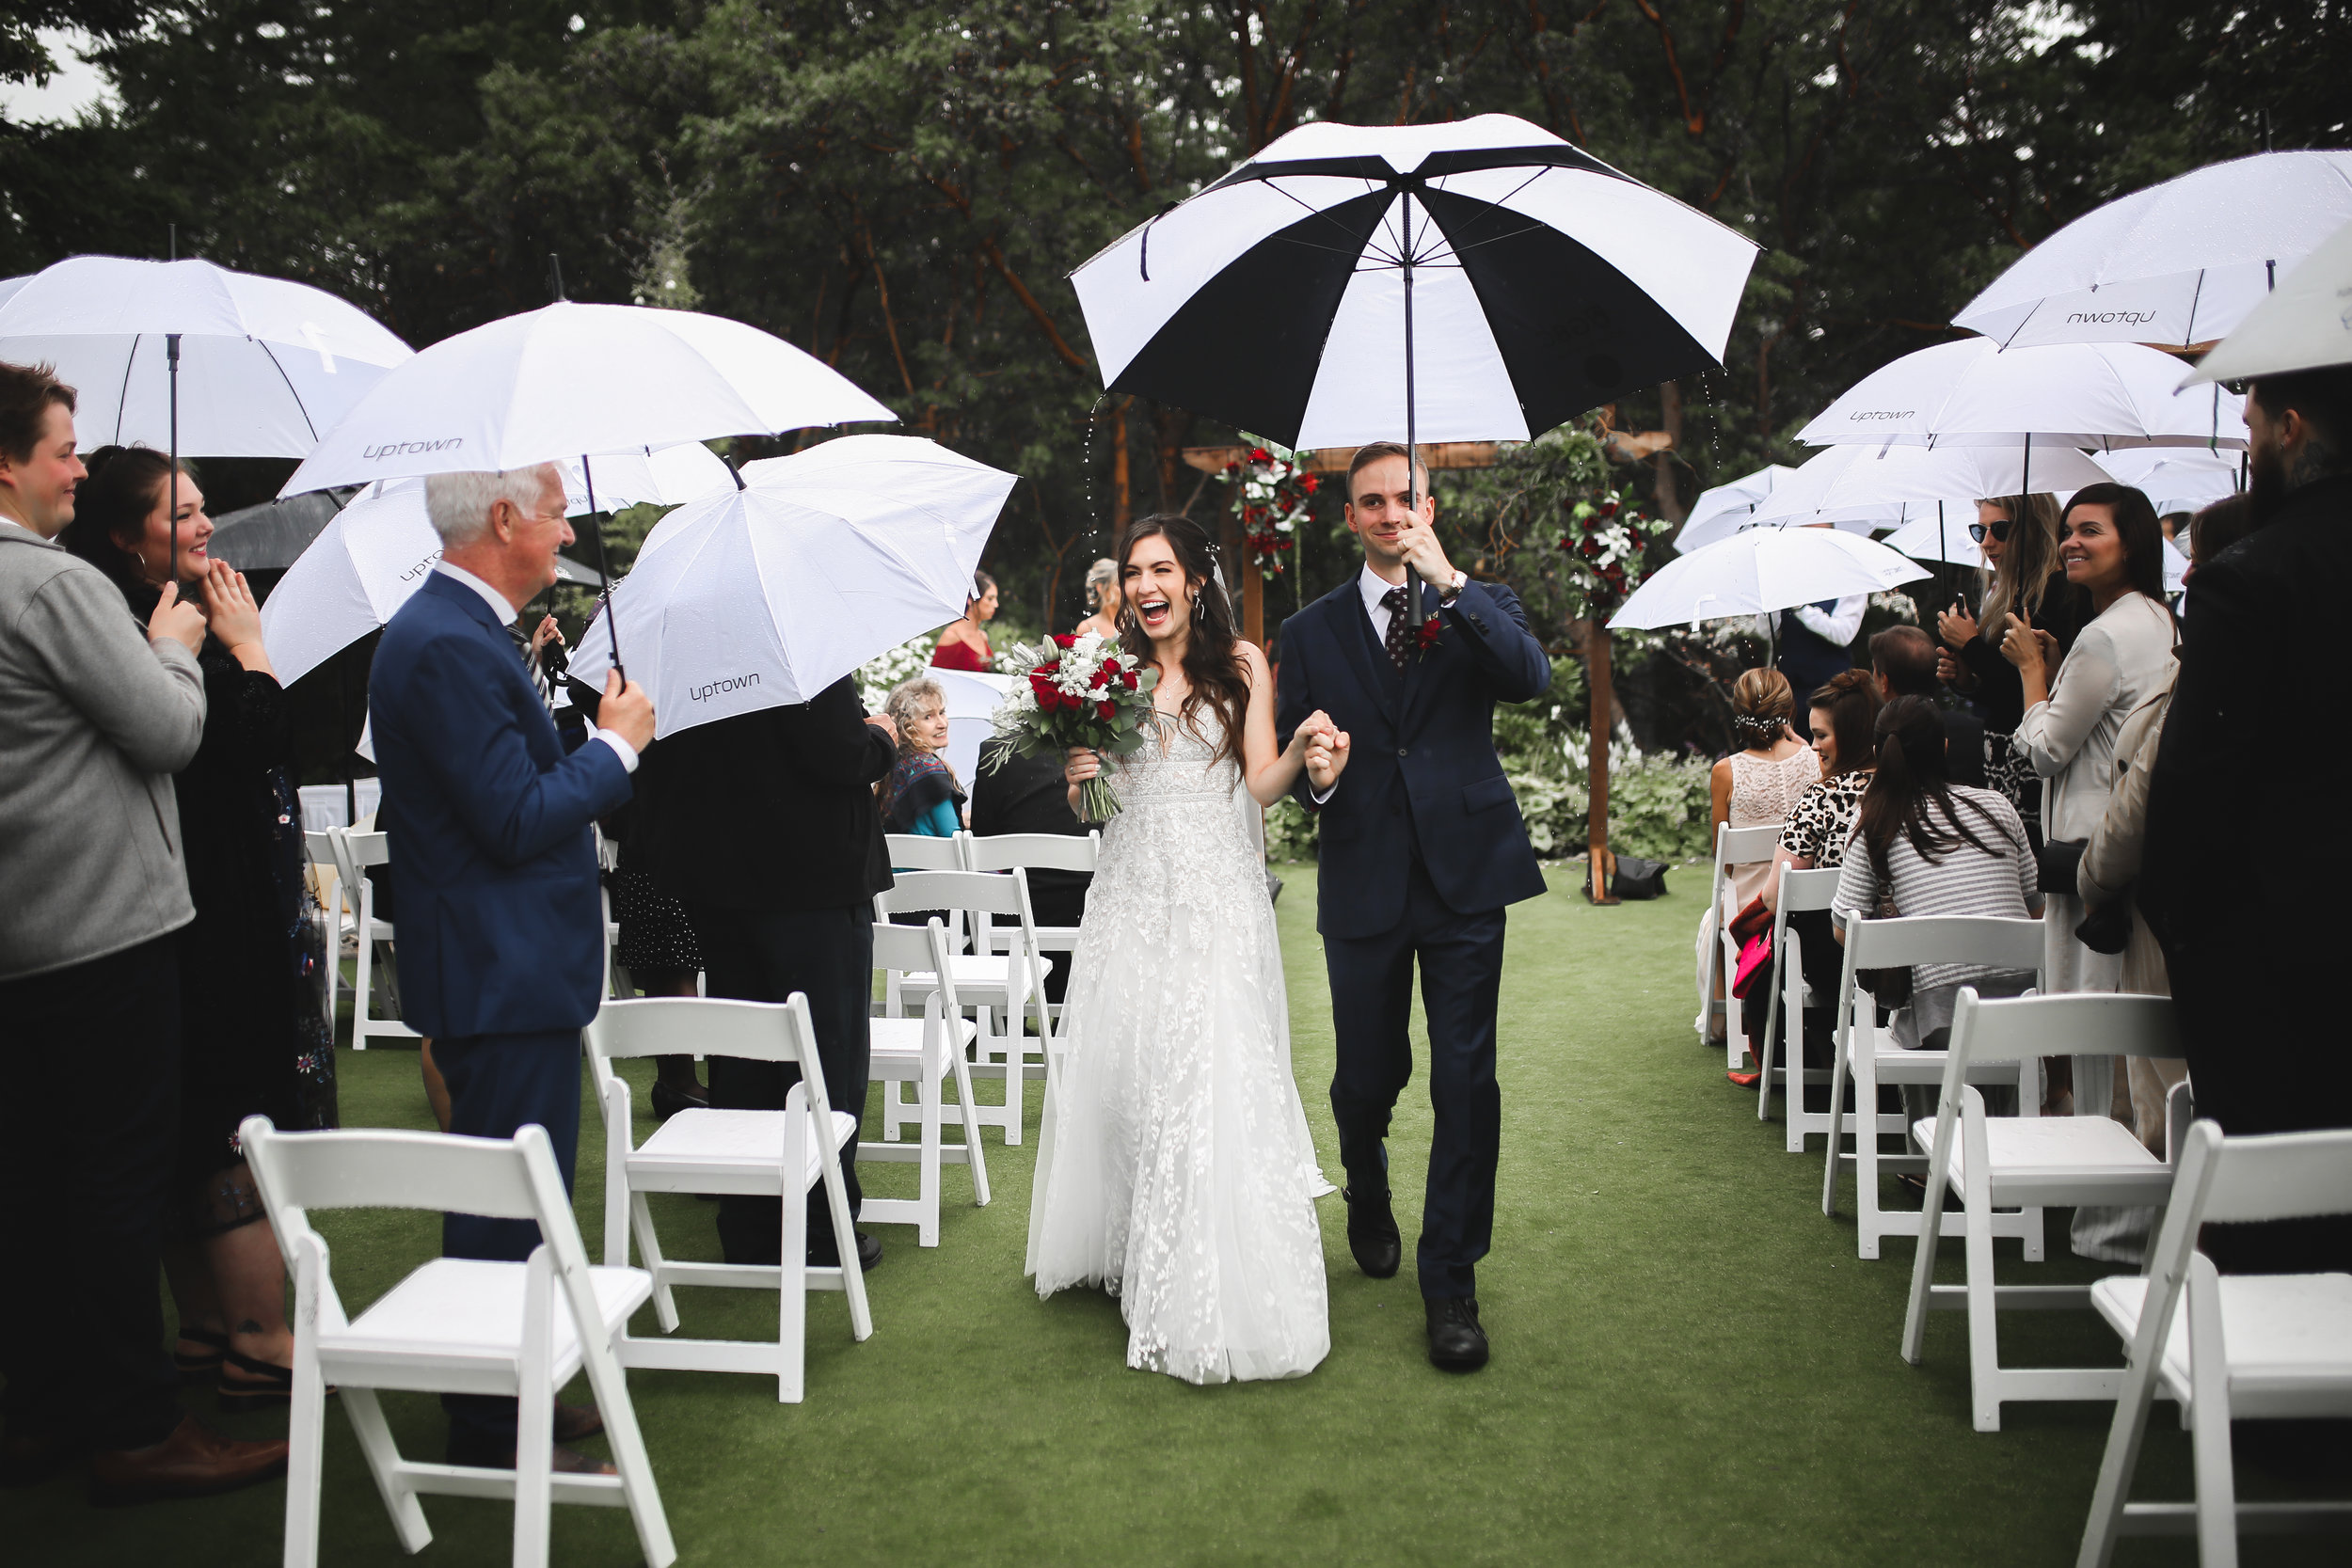 54 Adam Ziorio Photography - Allison & Austin's Wedding.jpg